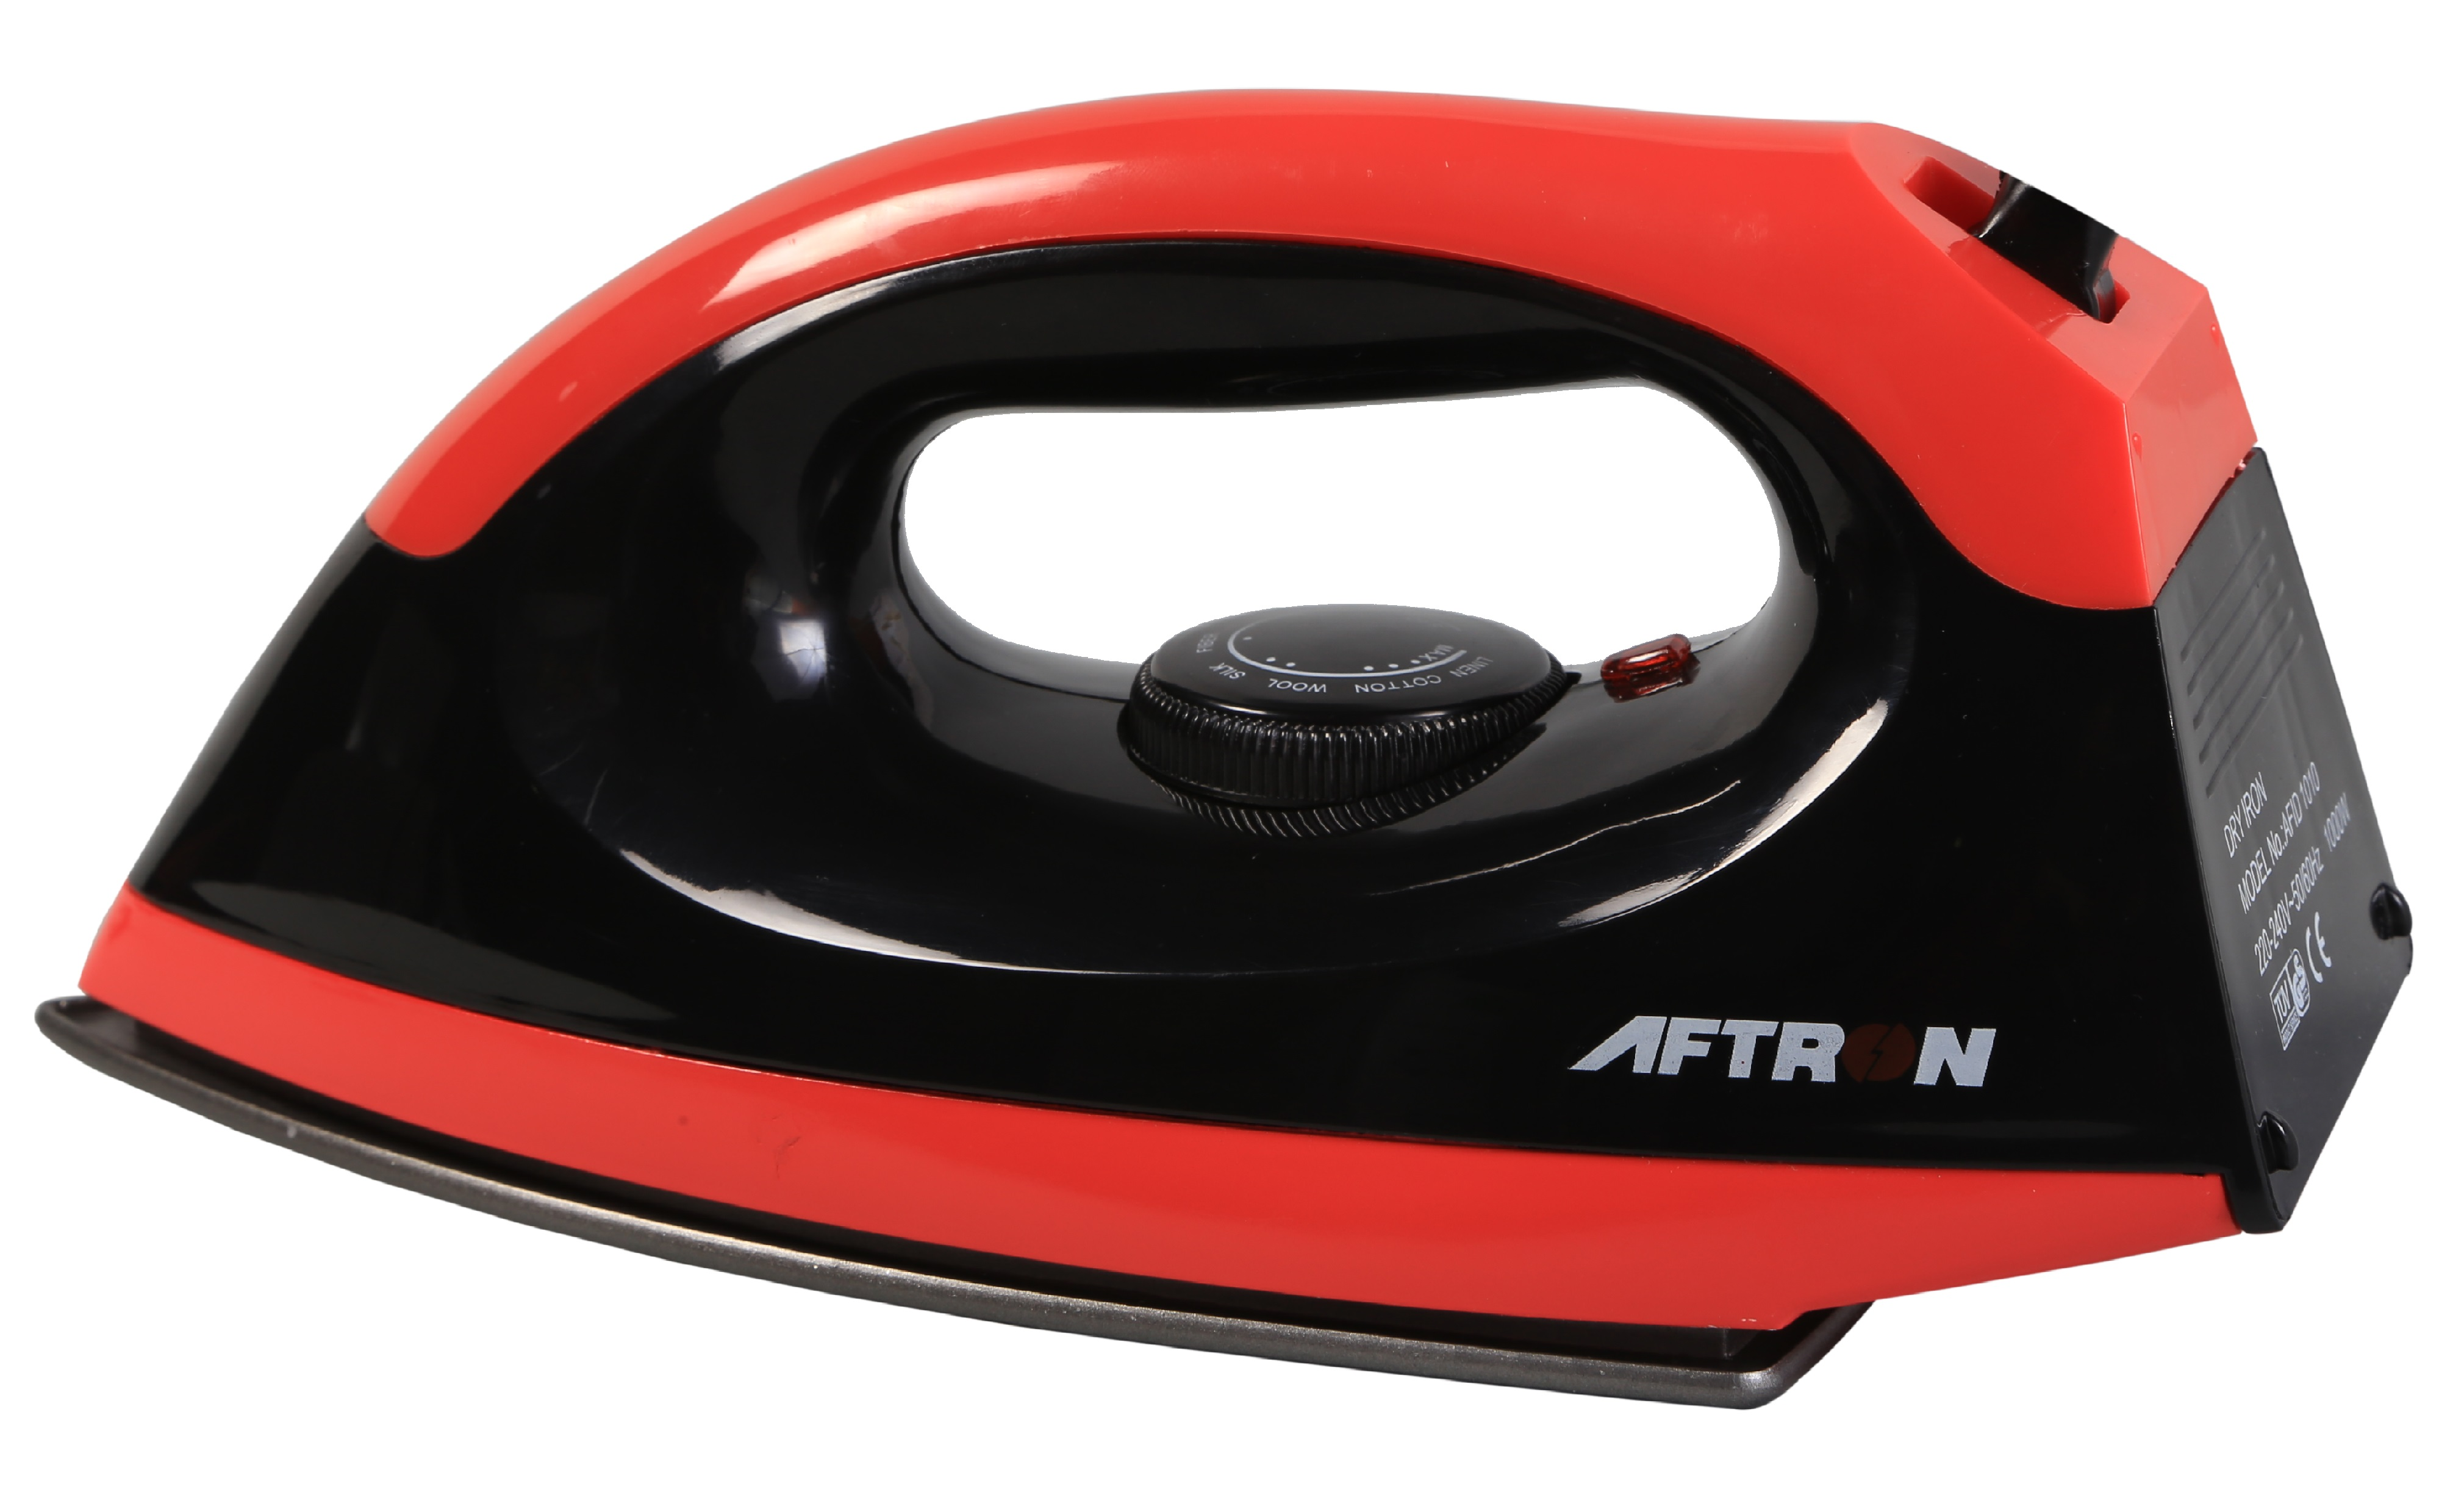 Aftron Dry Iron, AFID1010N